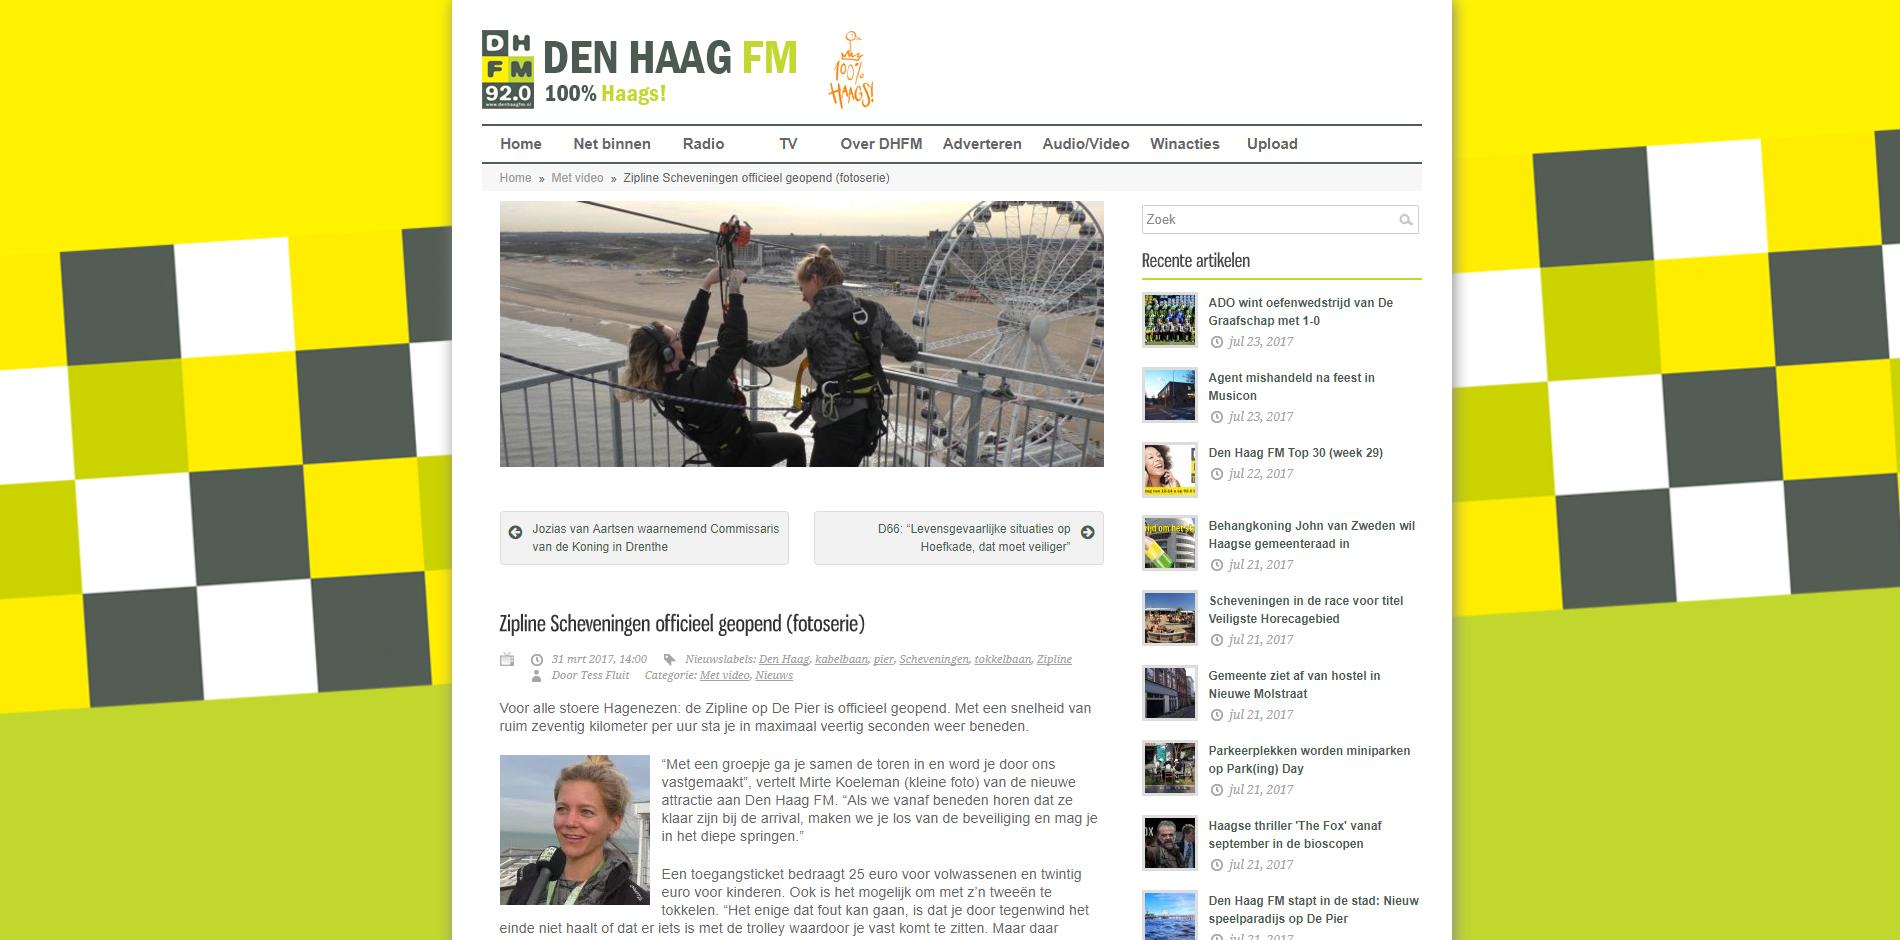 Zipline Den Haag fm